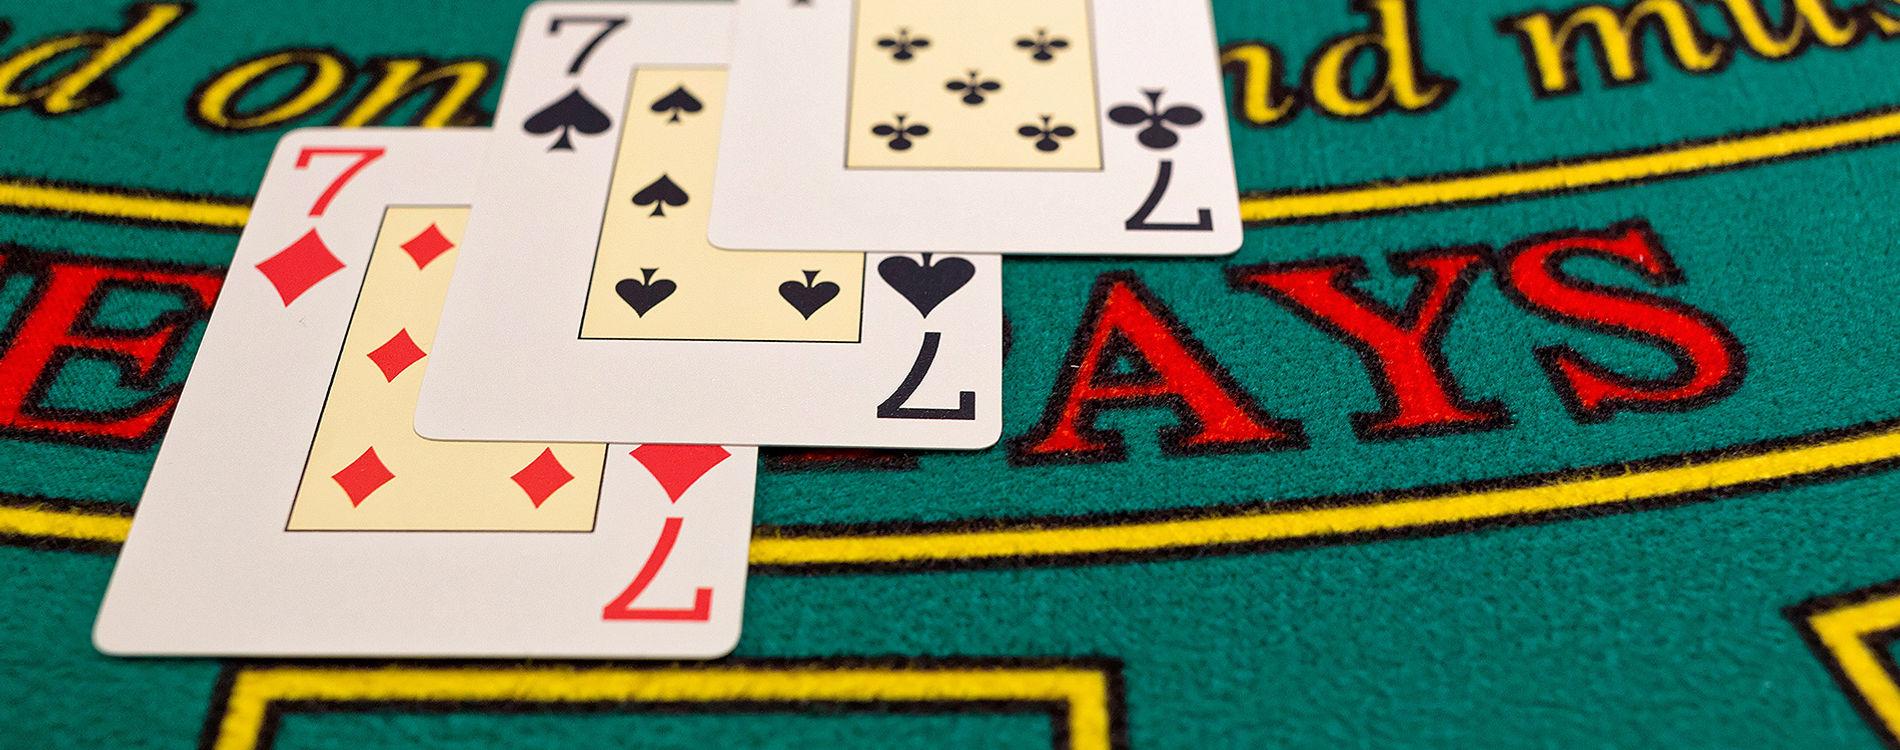 Ultimate Texas Hold Em Poker In Monaco Monte Carlo Societe